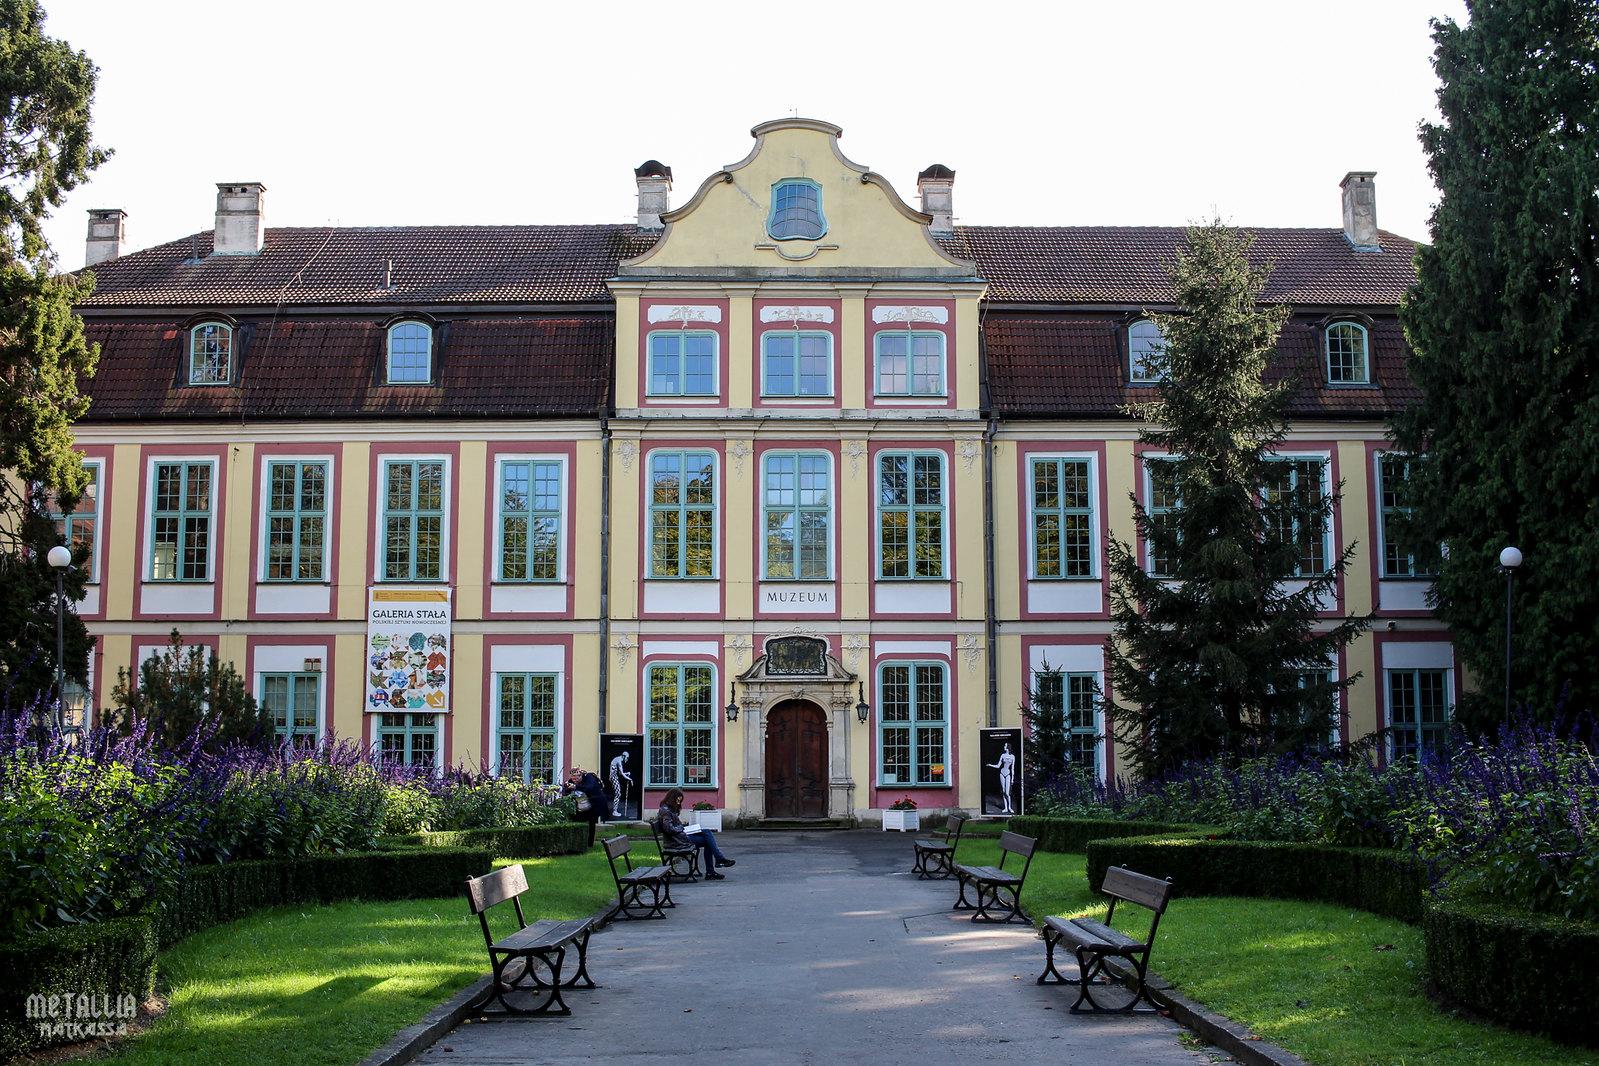 park oliwa, gdansk oliwa, gdanskin nähtävyydet, sightseeing in gdansk, park oliwski, gdansk national museum, abbot's palace